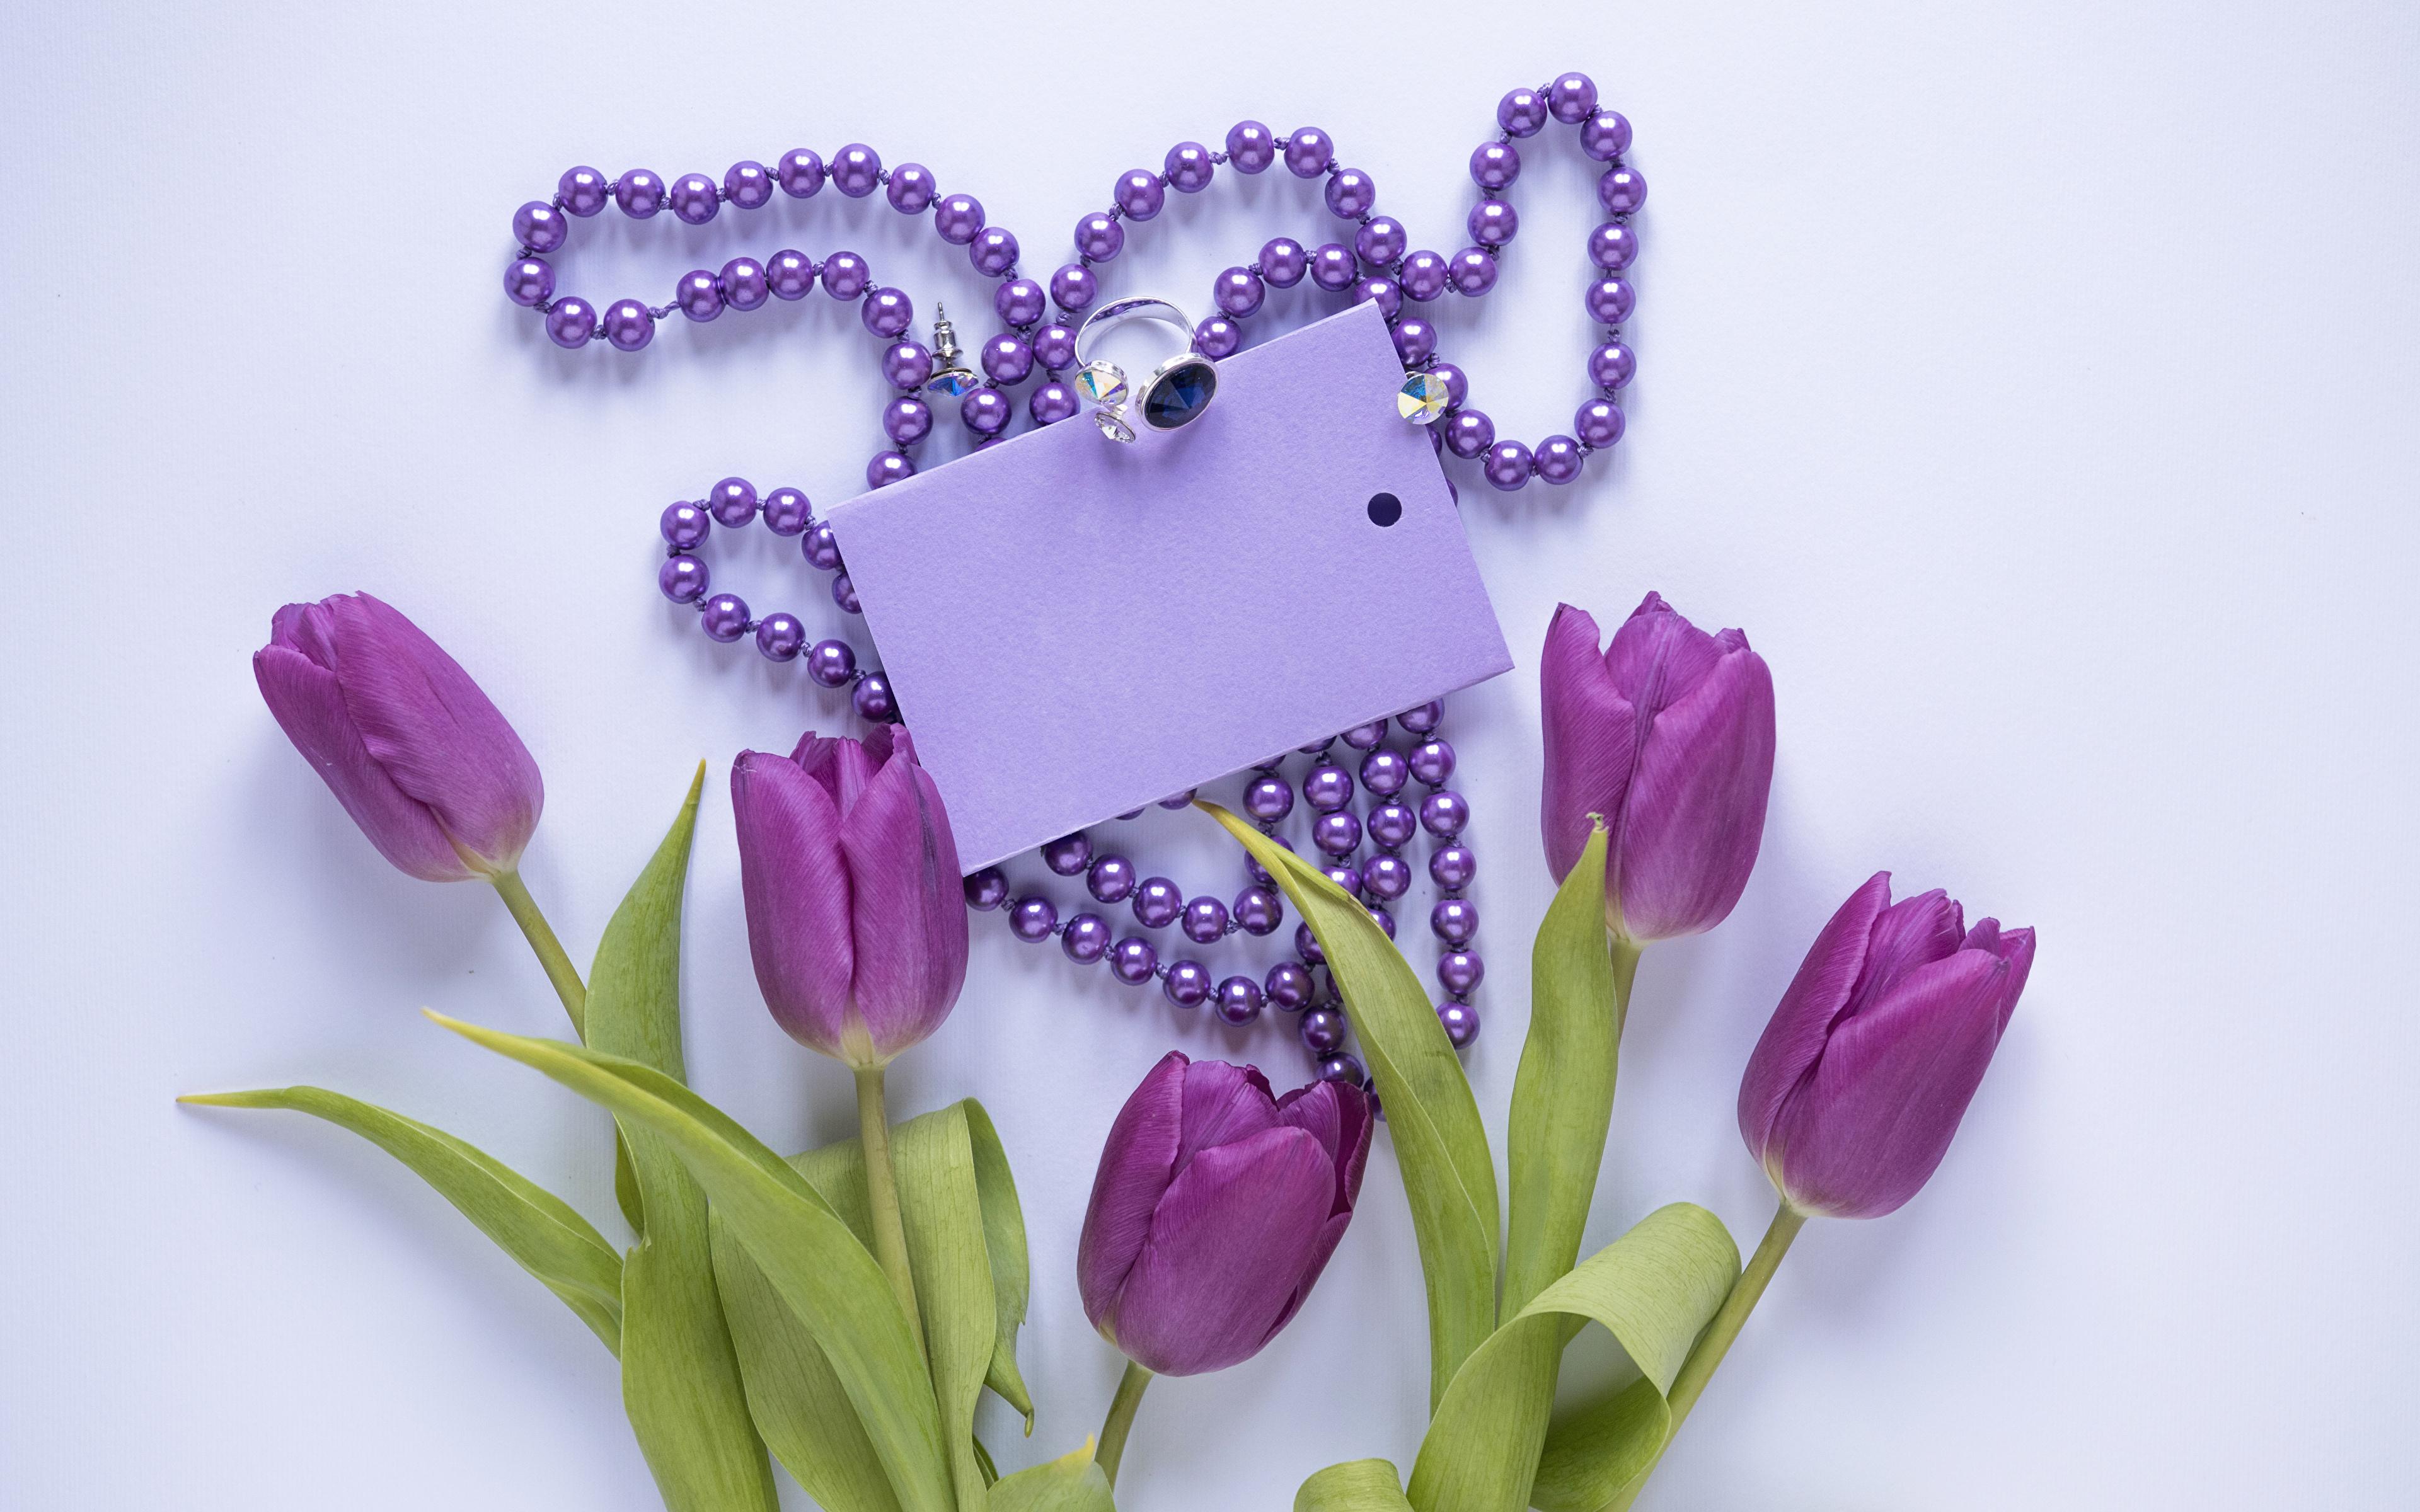 Обои для рабочего стола Тюльпаны Фиолетовый Цветы ювелирное кольцо Шаблон поздравительной открытки Украшения Цветной фон 3840x2400 тюльпан фиолетовых фиолетовая фиолетовые цветок Кольцо кольца кольца